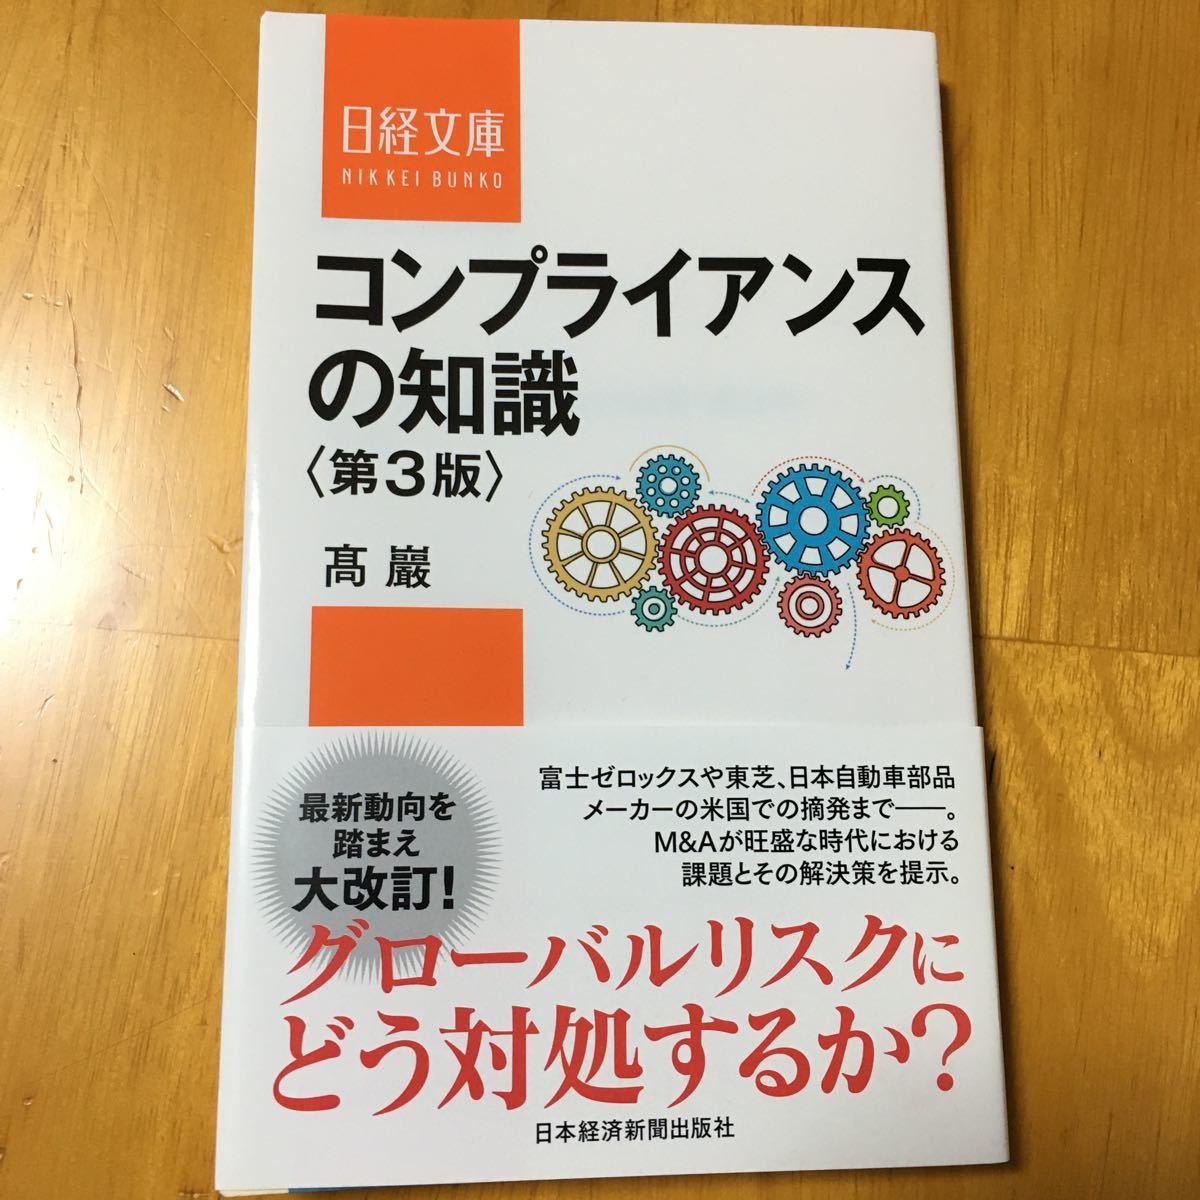 コンプライアンスの知識/高巖 日本経済新聞出版社